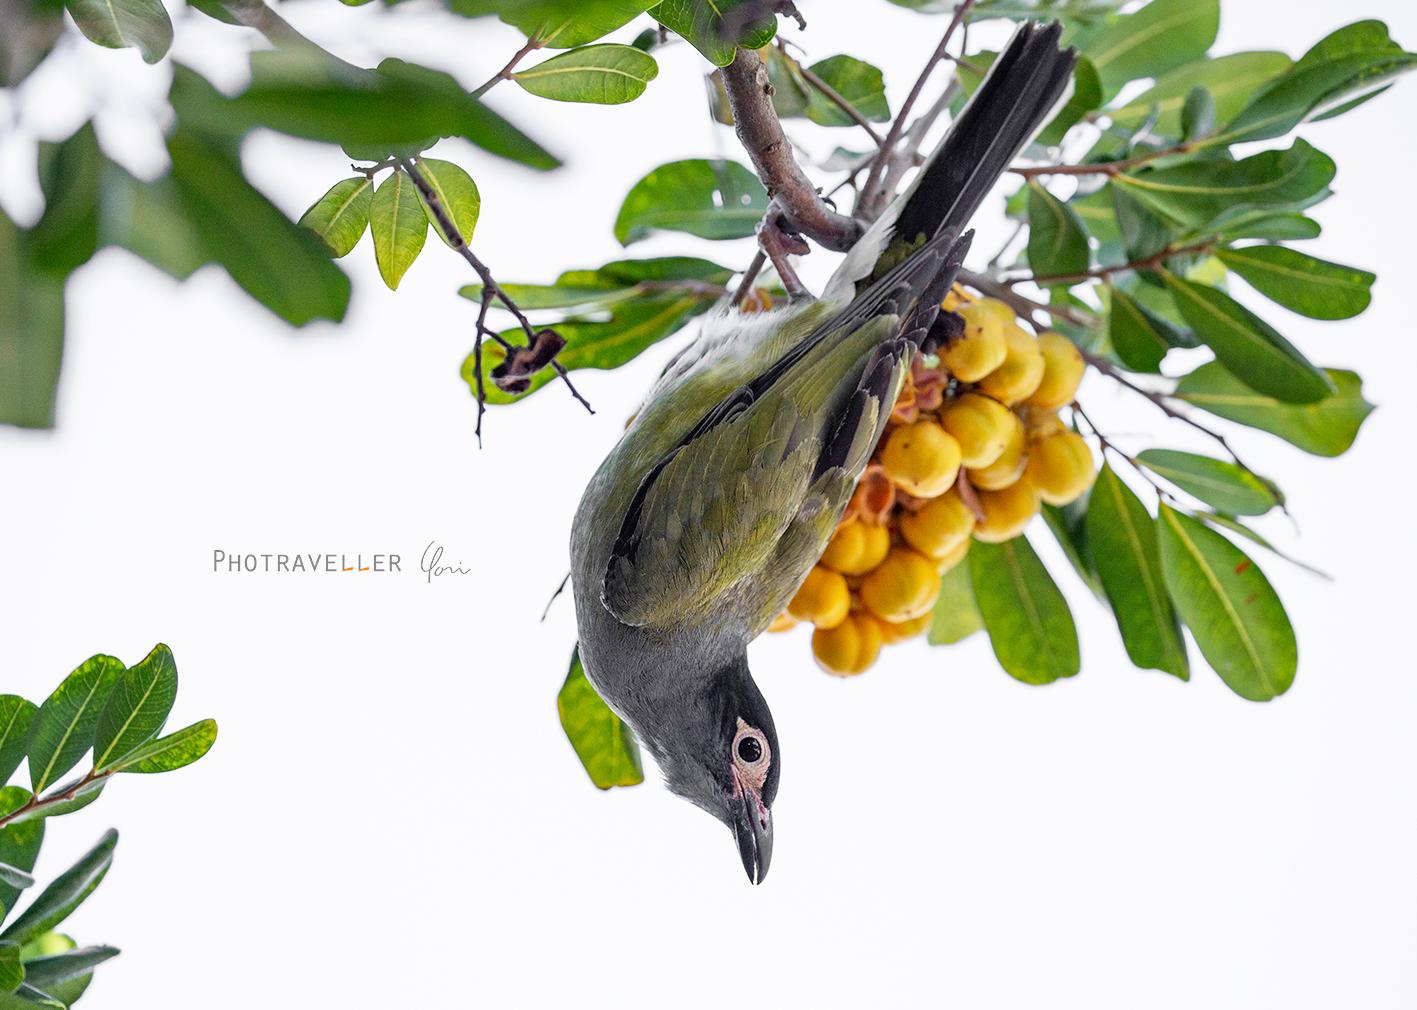 フィグバード figbird オーストラリアの野鳥